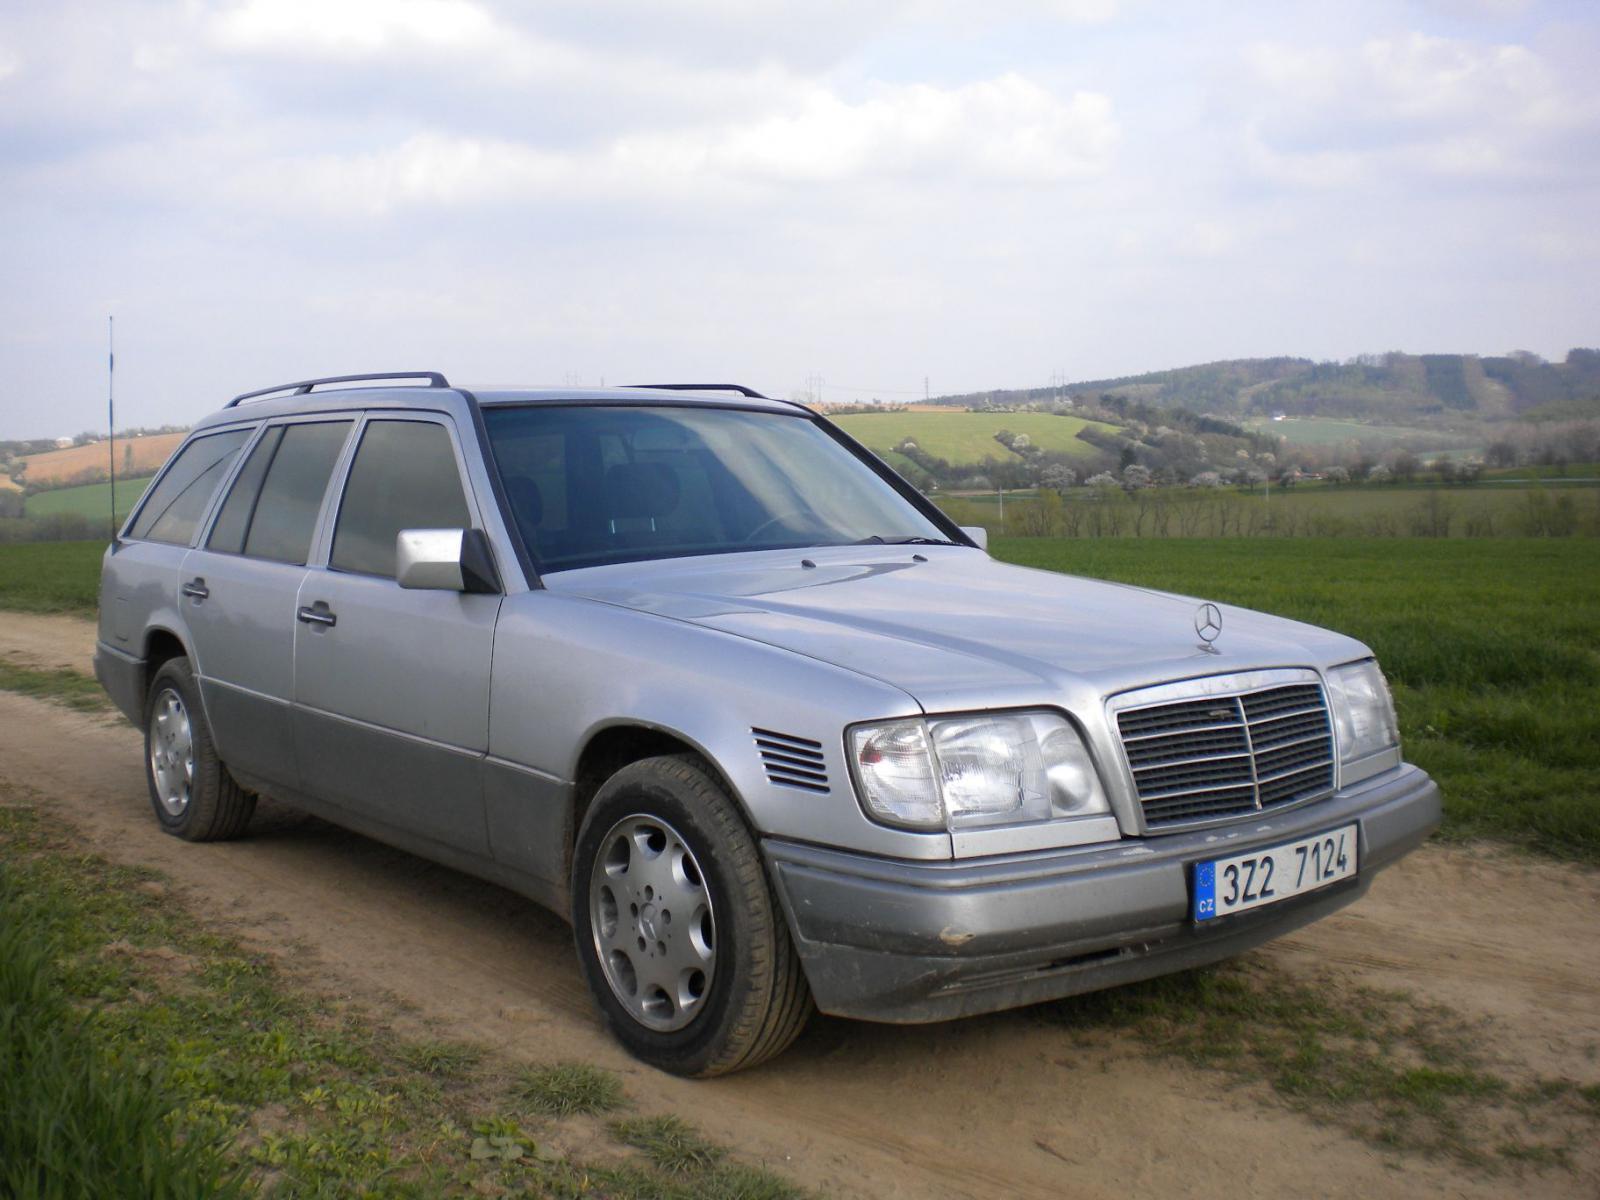 Y056 katya y111 maxwells 3 car vladmodels ksenya y056 katya y111 car